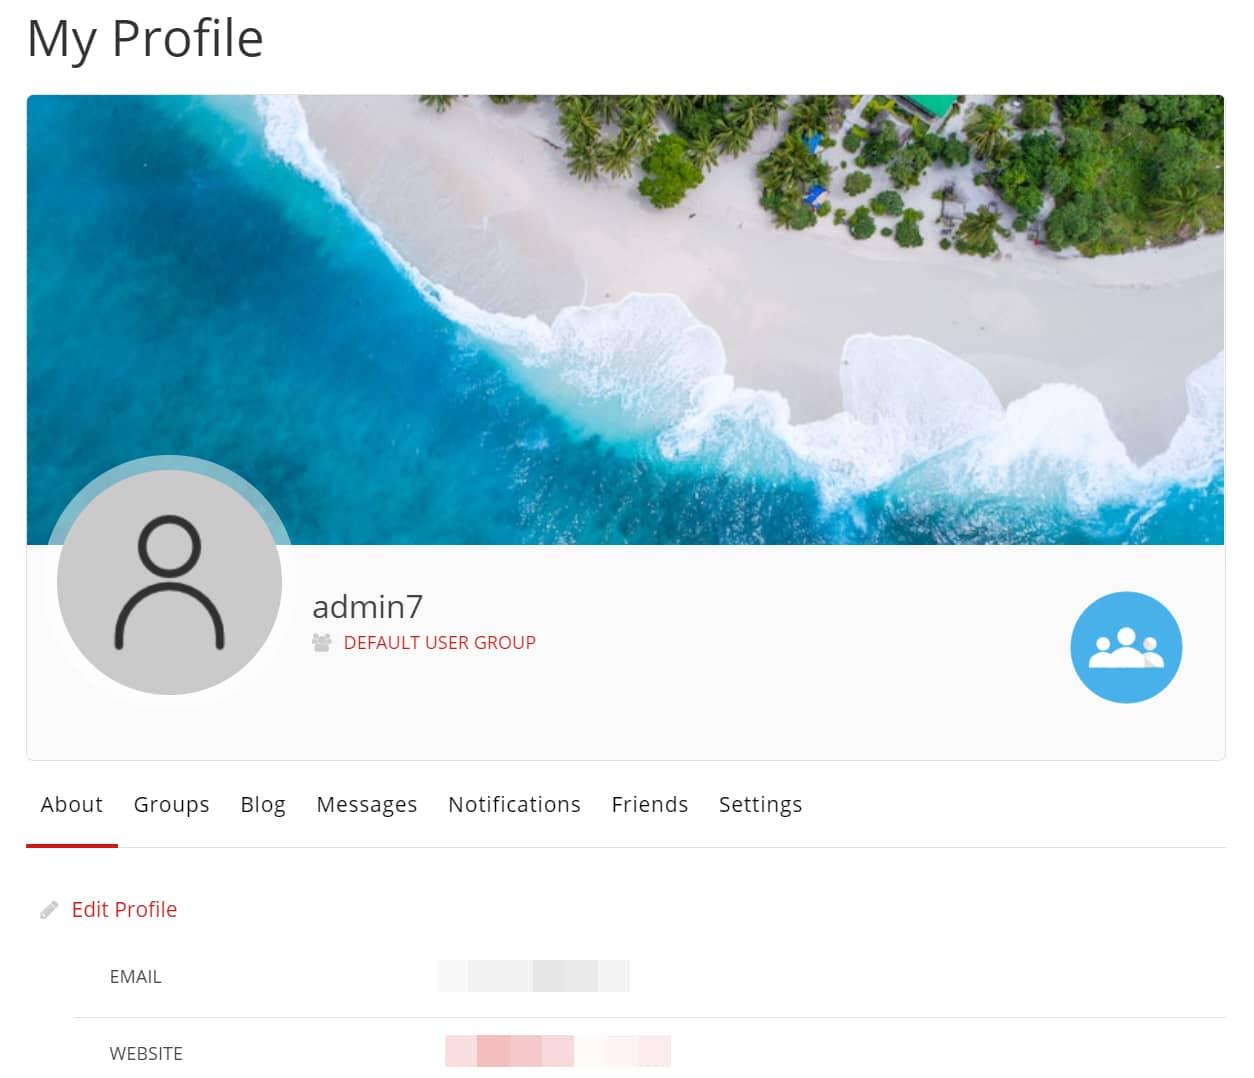 워드프레스 사용자 프로필 플러그인 ProfileGrid